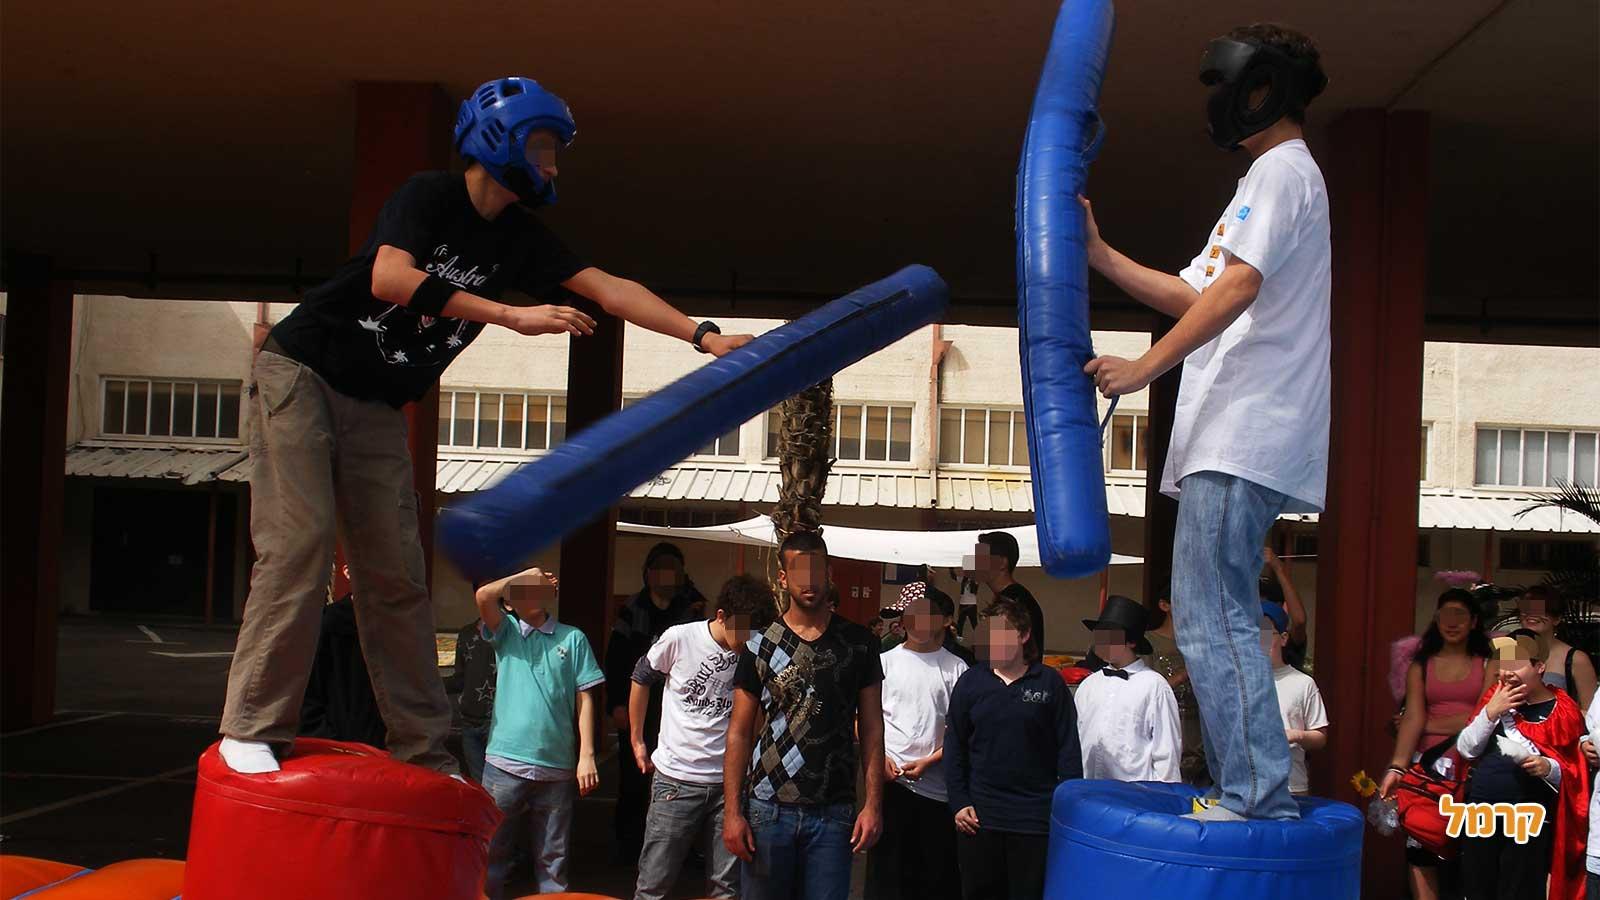 פעילויות ואטרקציות לילדים ונוער - 073-7026534